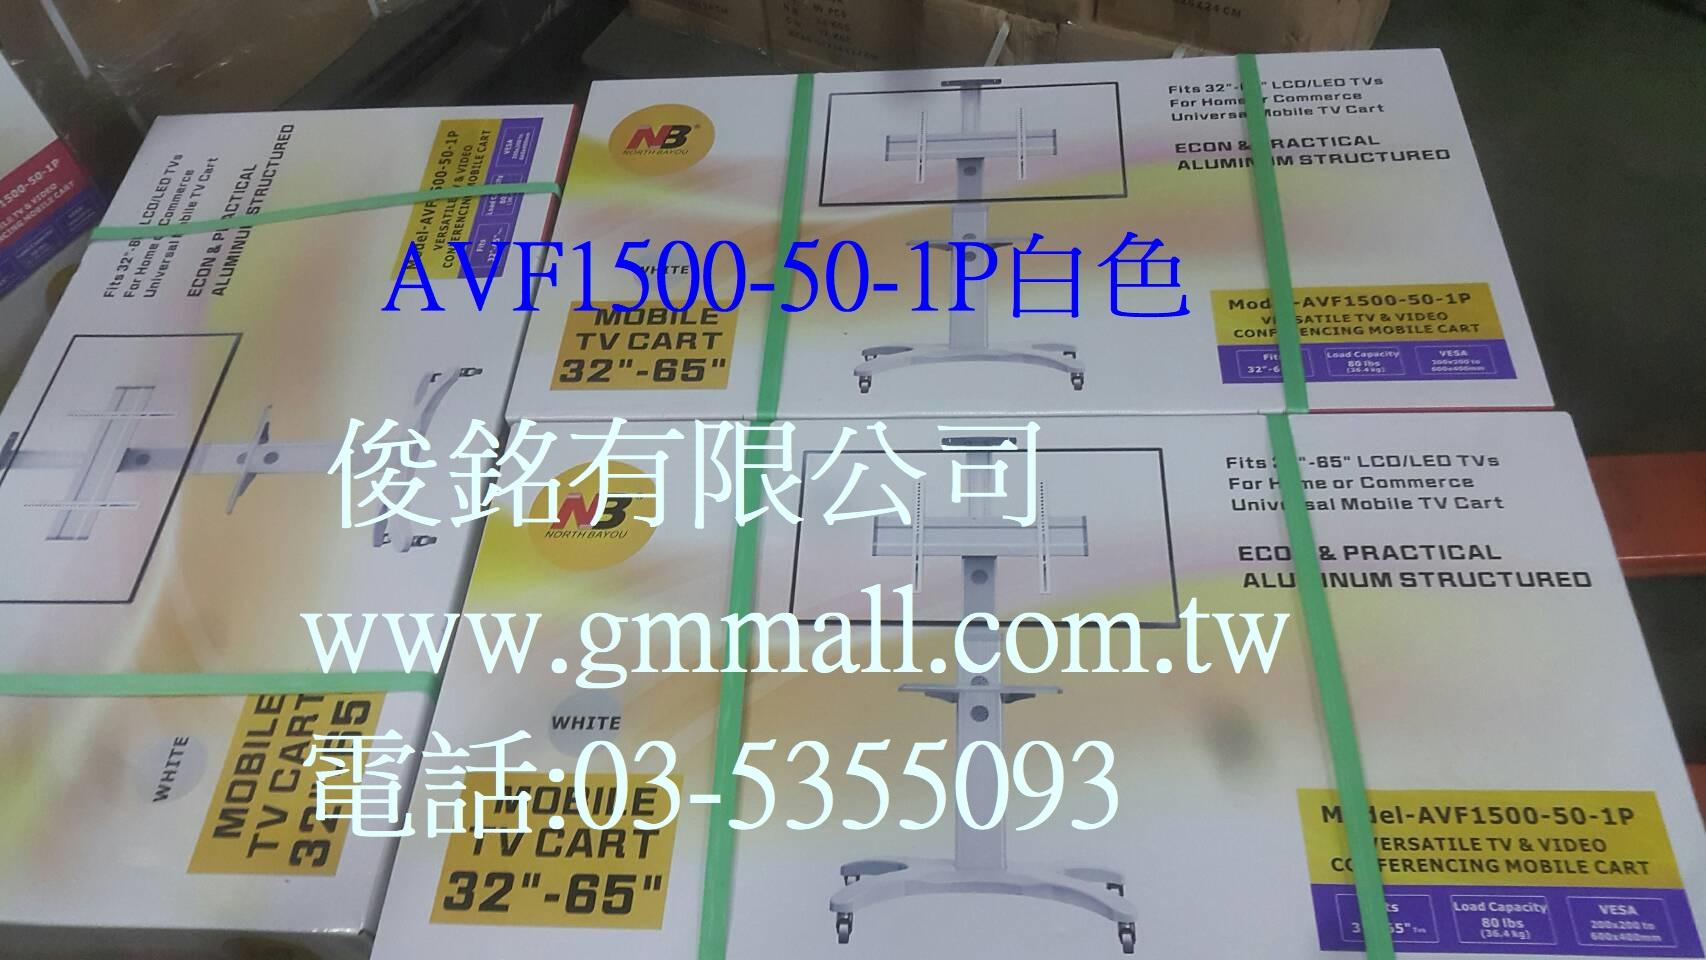 https://www.gmmall.com.tw/images/image/AVF1500-50-1P%E7%99%BD%E8%89%B2-2.jpg